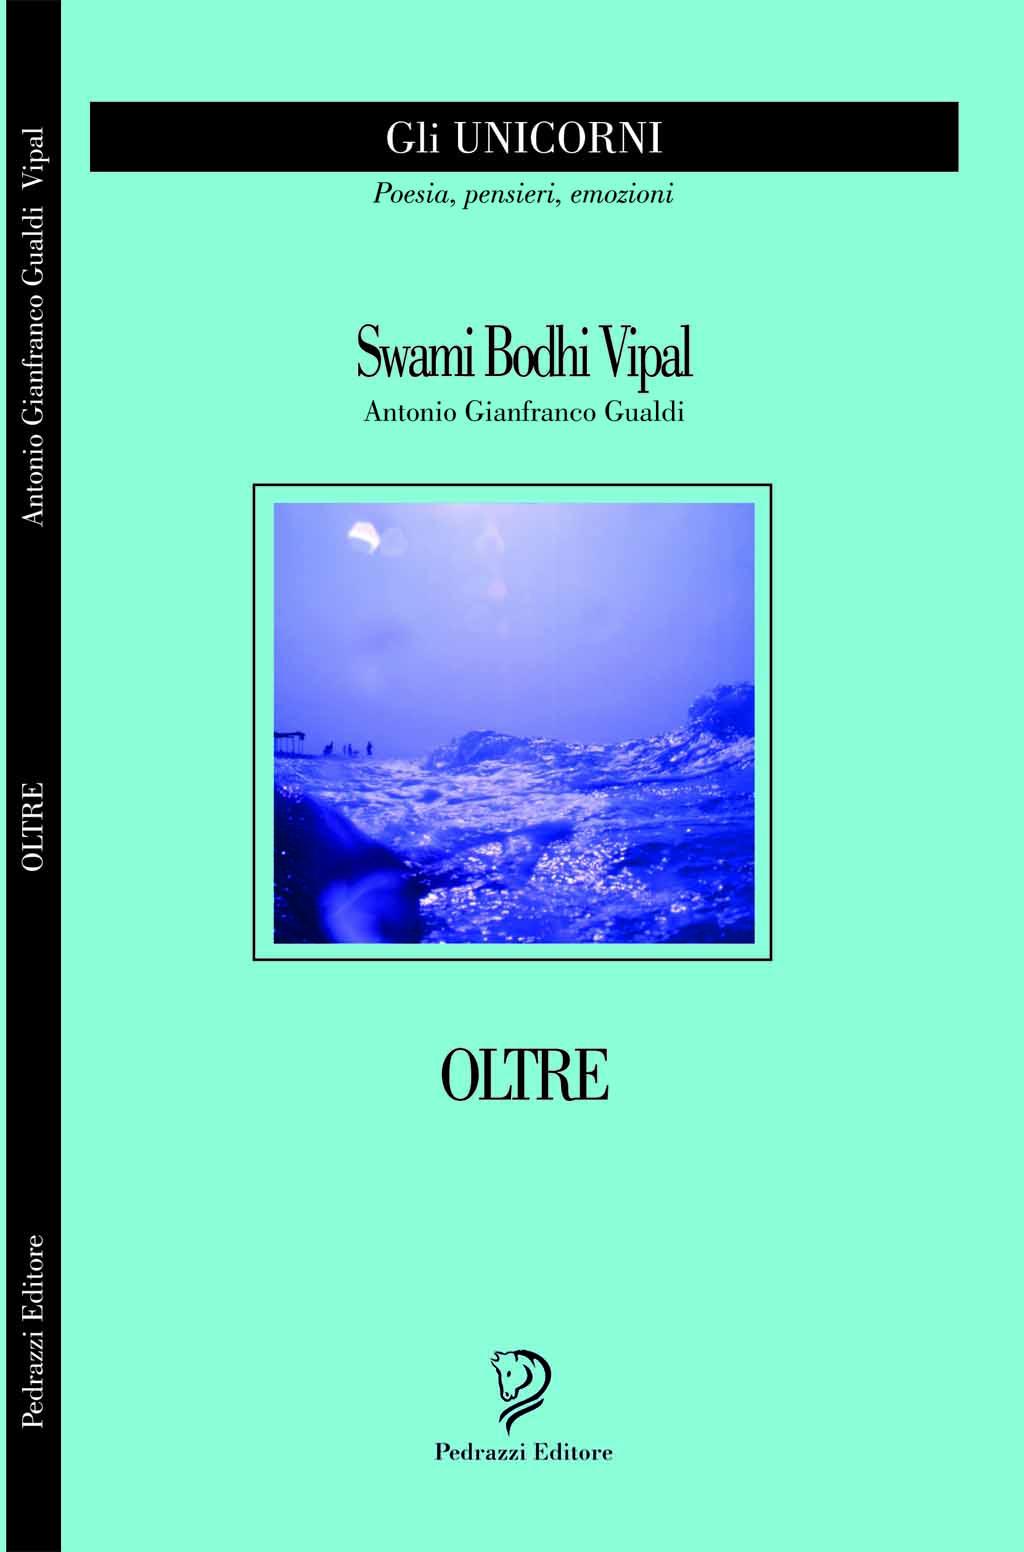 Fronte copertina libro poesie Oltre collana Unicorni editore Pedrazzi autore Vipal Antonio Gianfranco Gualdi